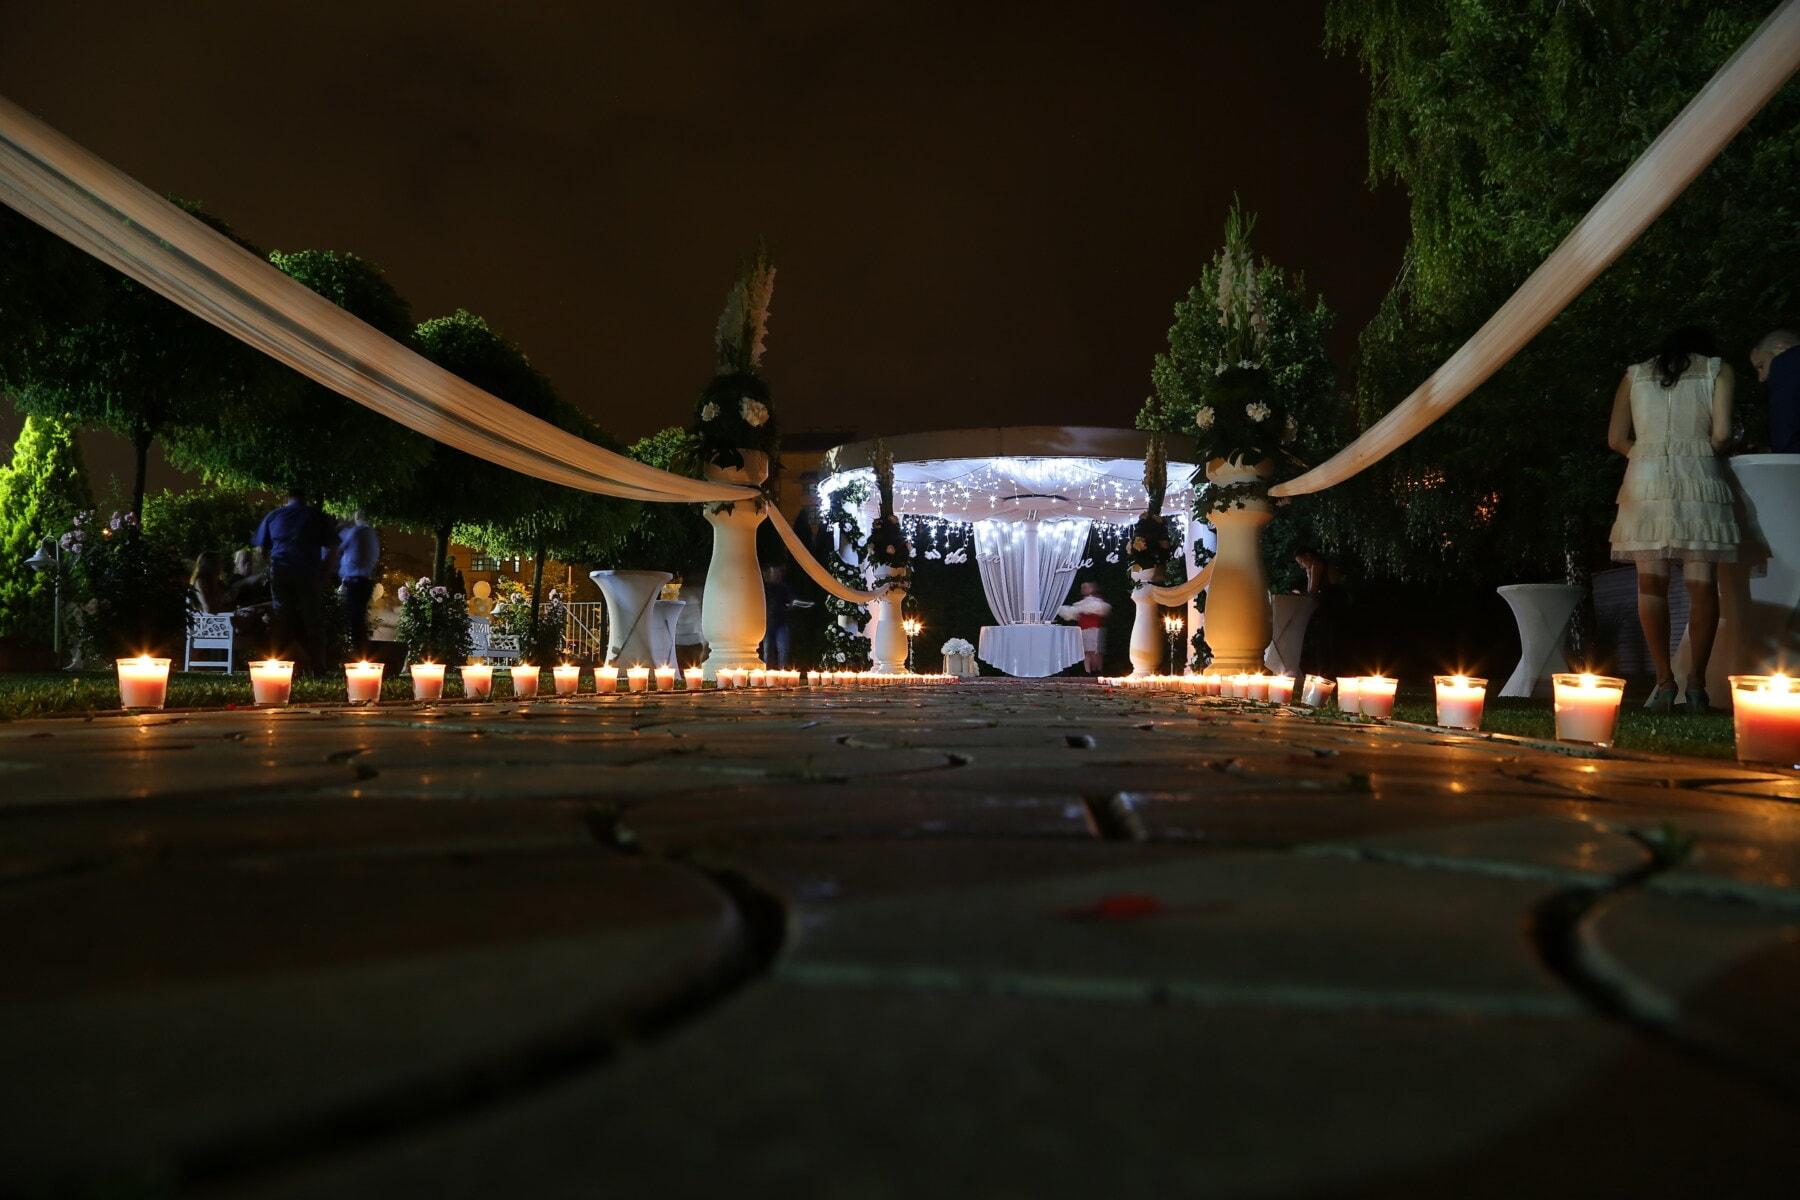 noćni život, noćno doba, mjesto vjenčanja, hotel, naselju na području, svijetlost svijeće, arhitektura, svjetlo, svijeća, ljudi